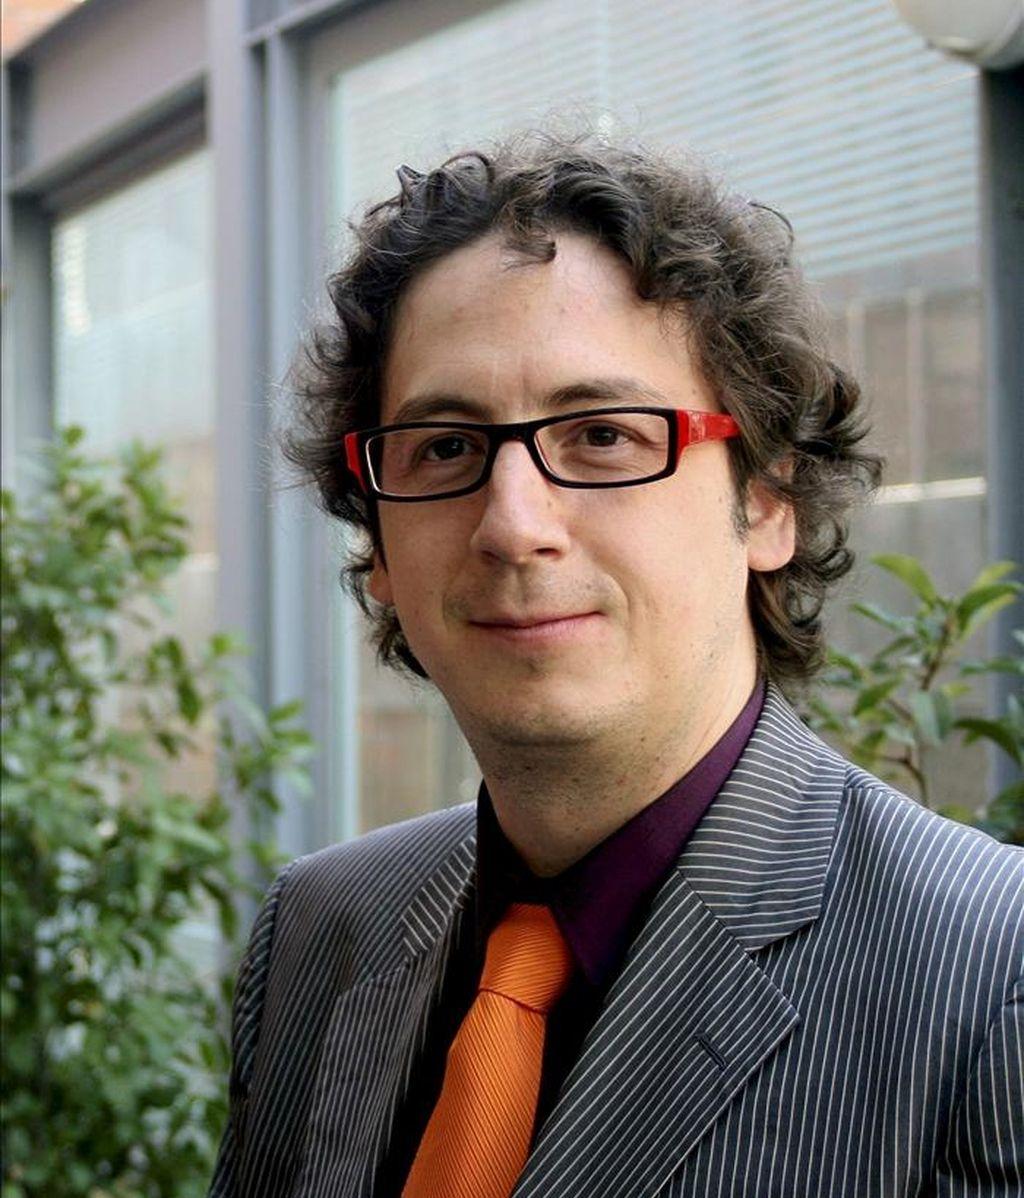 Fotografía de archivo El director general del Cine, Carlos Cuadros. EFE/Archivo